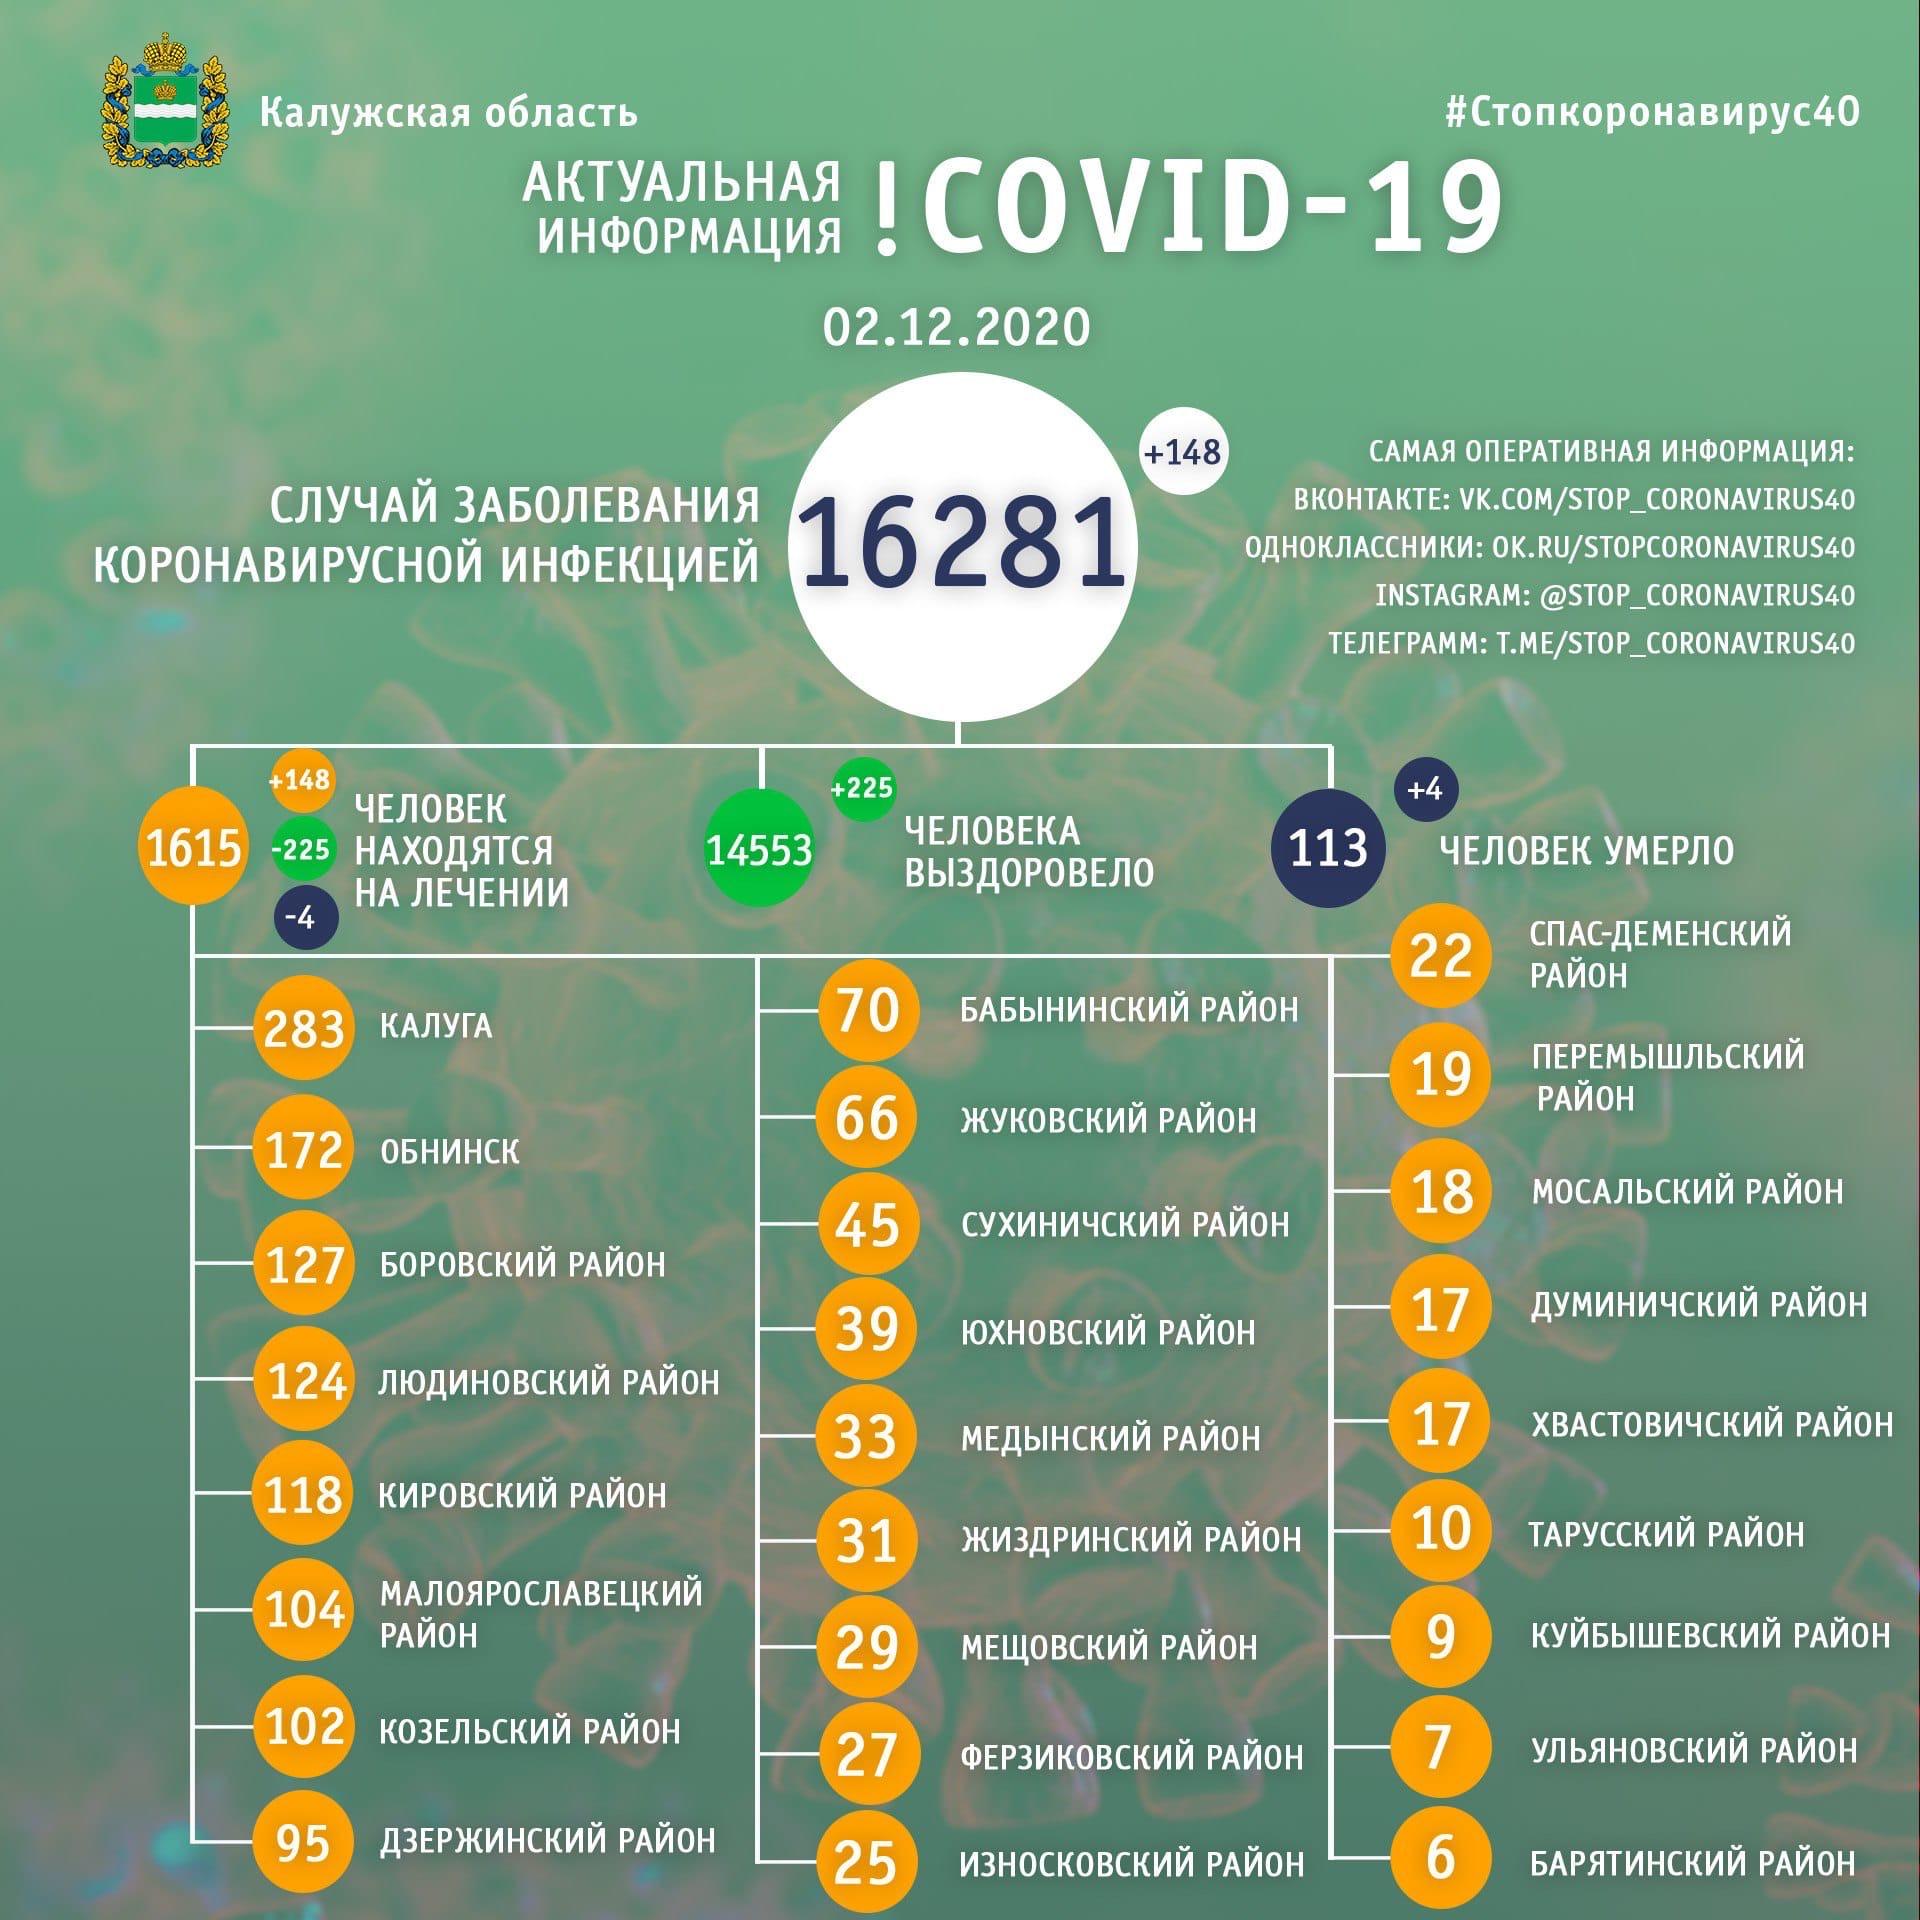 Официальная статистика по коронавирусу в Калужской области на 2 декабря 2020 года.